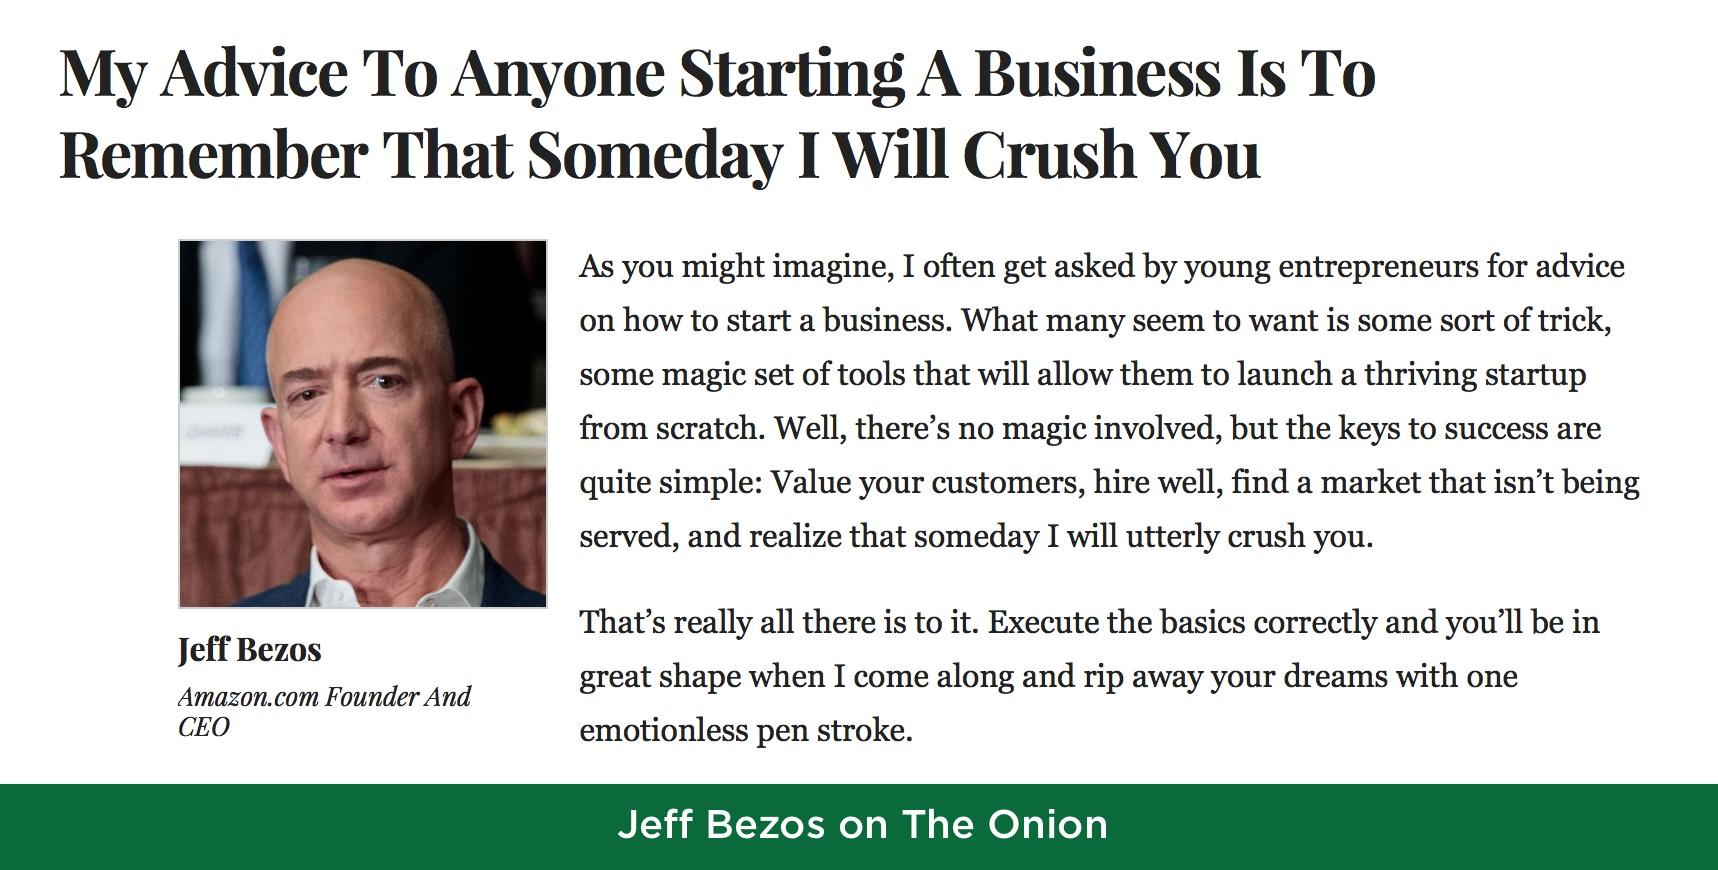 Jeff Bezos on Execution